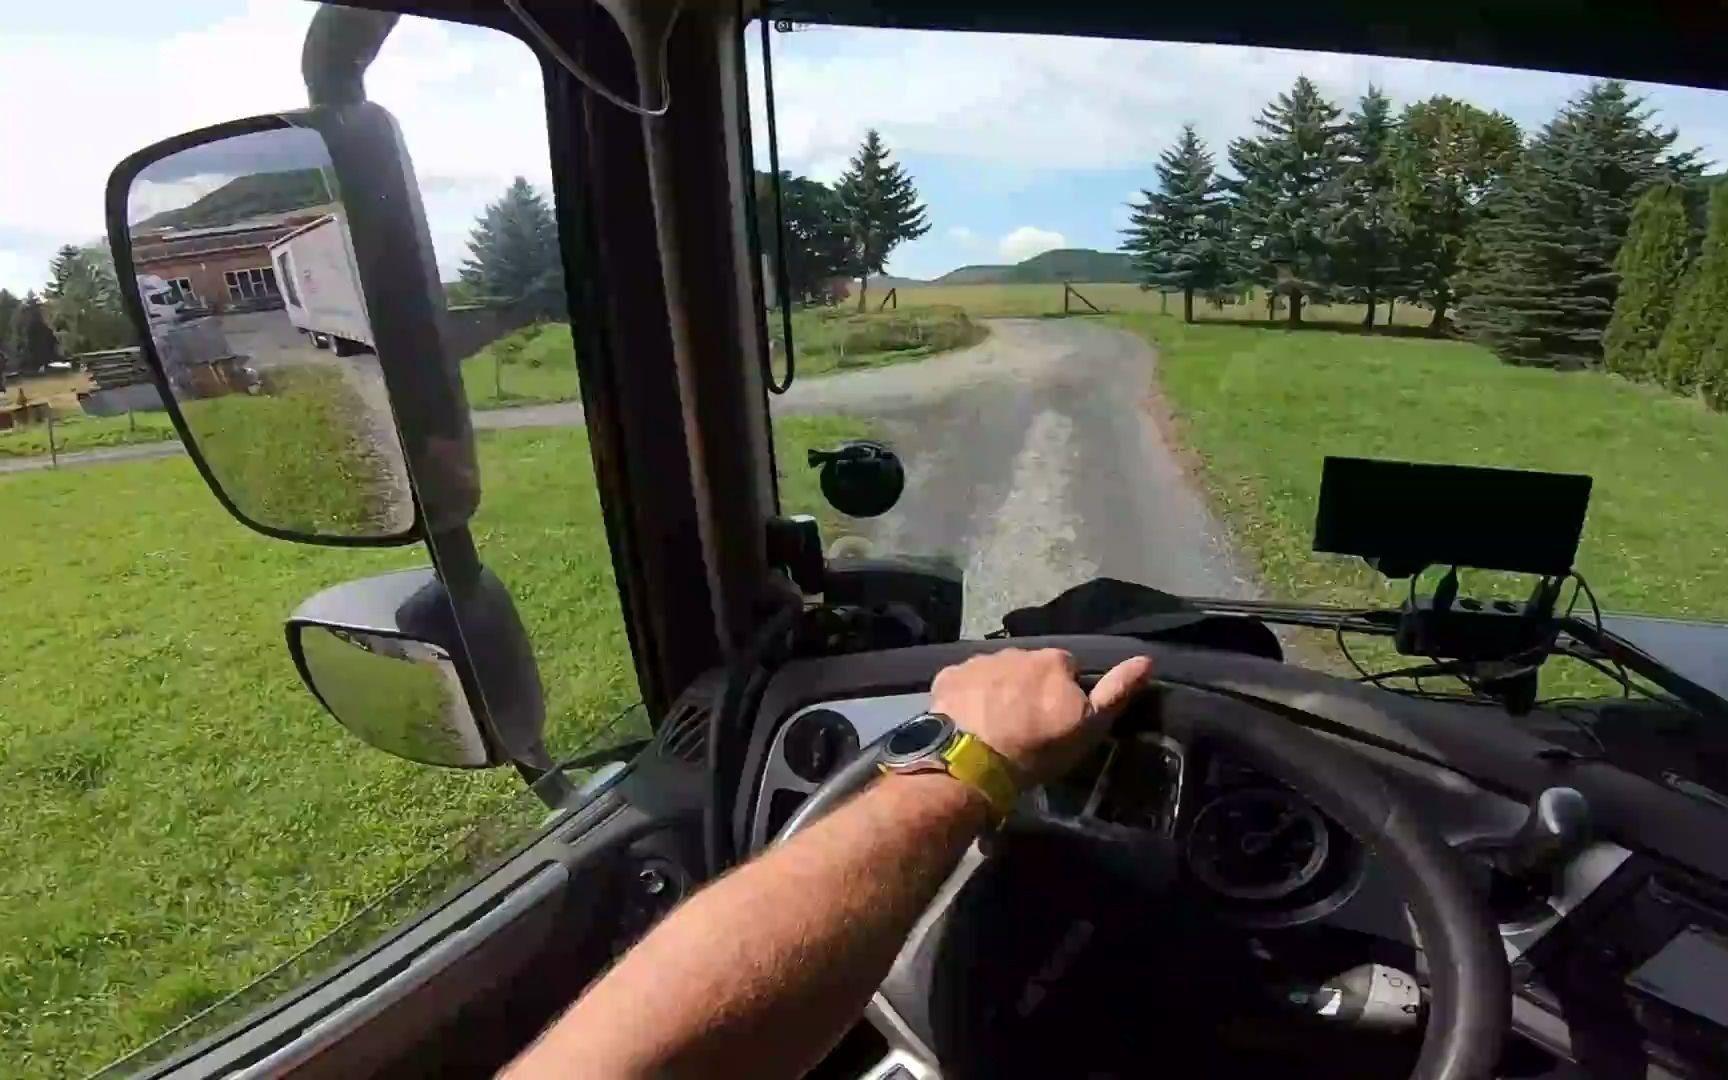 [第一人称驾驶POV] 卡车驾驶,复杂的一天2/4部分